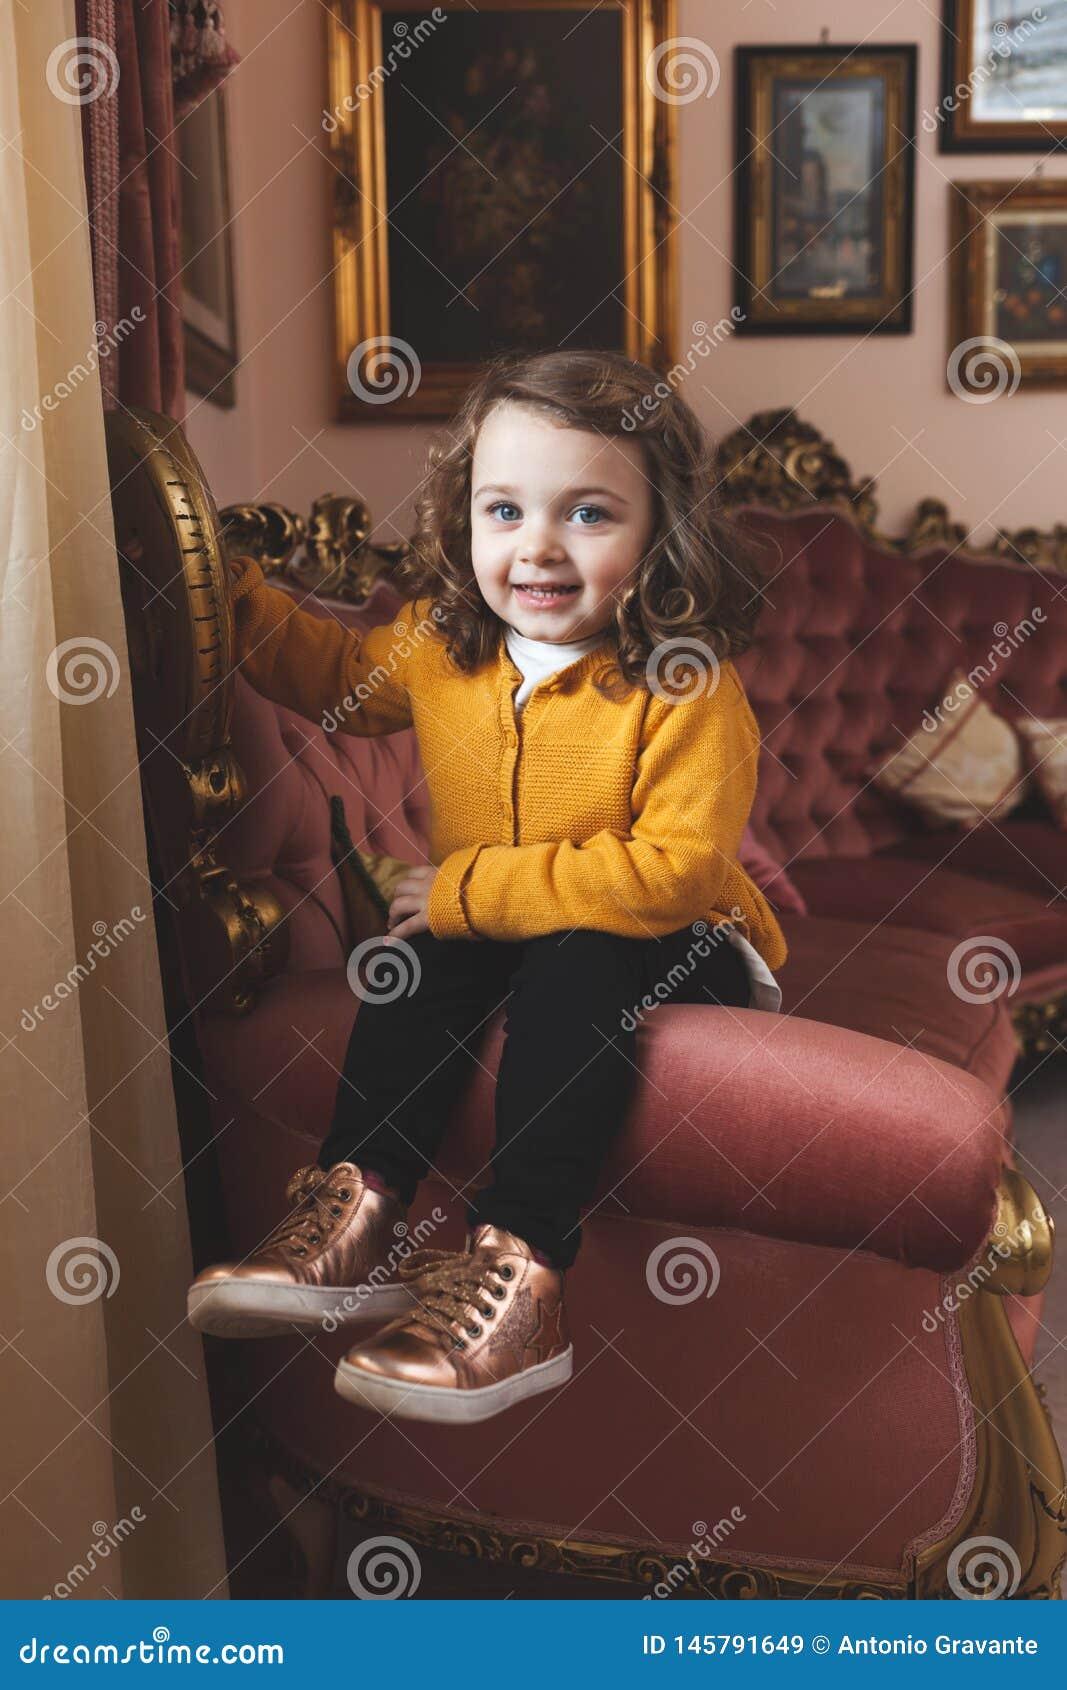 Crian?a da menina em uma sala de visitas com decora??o barroco